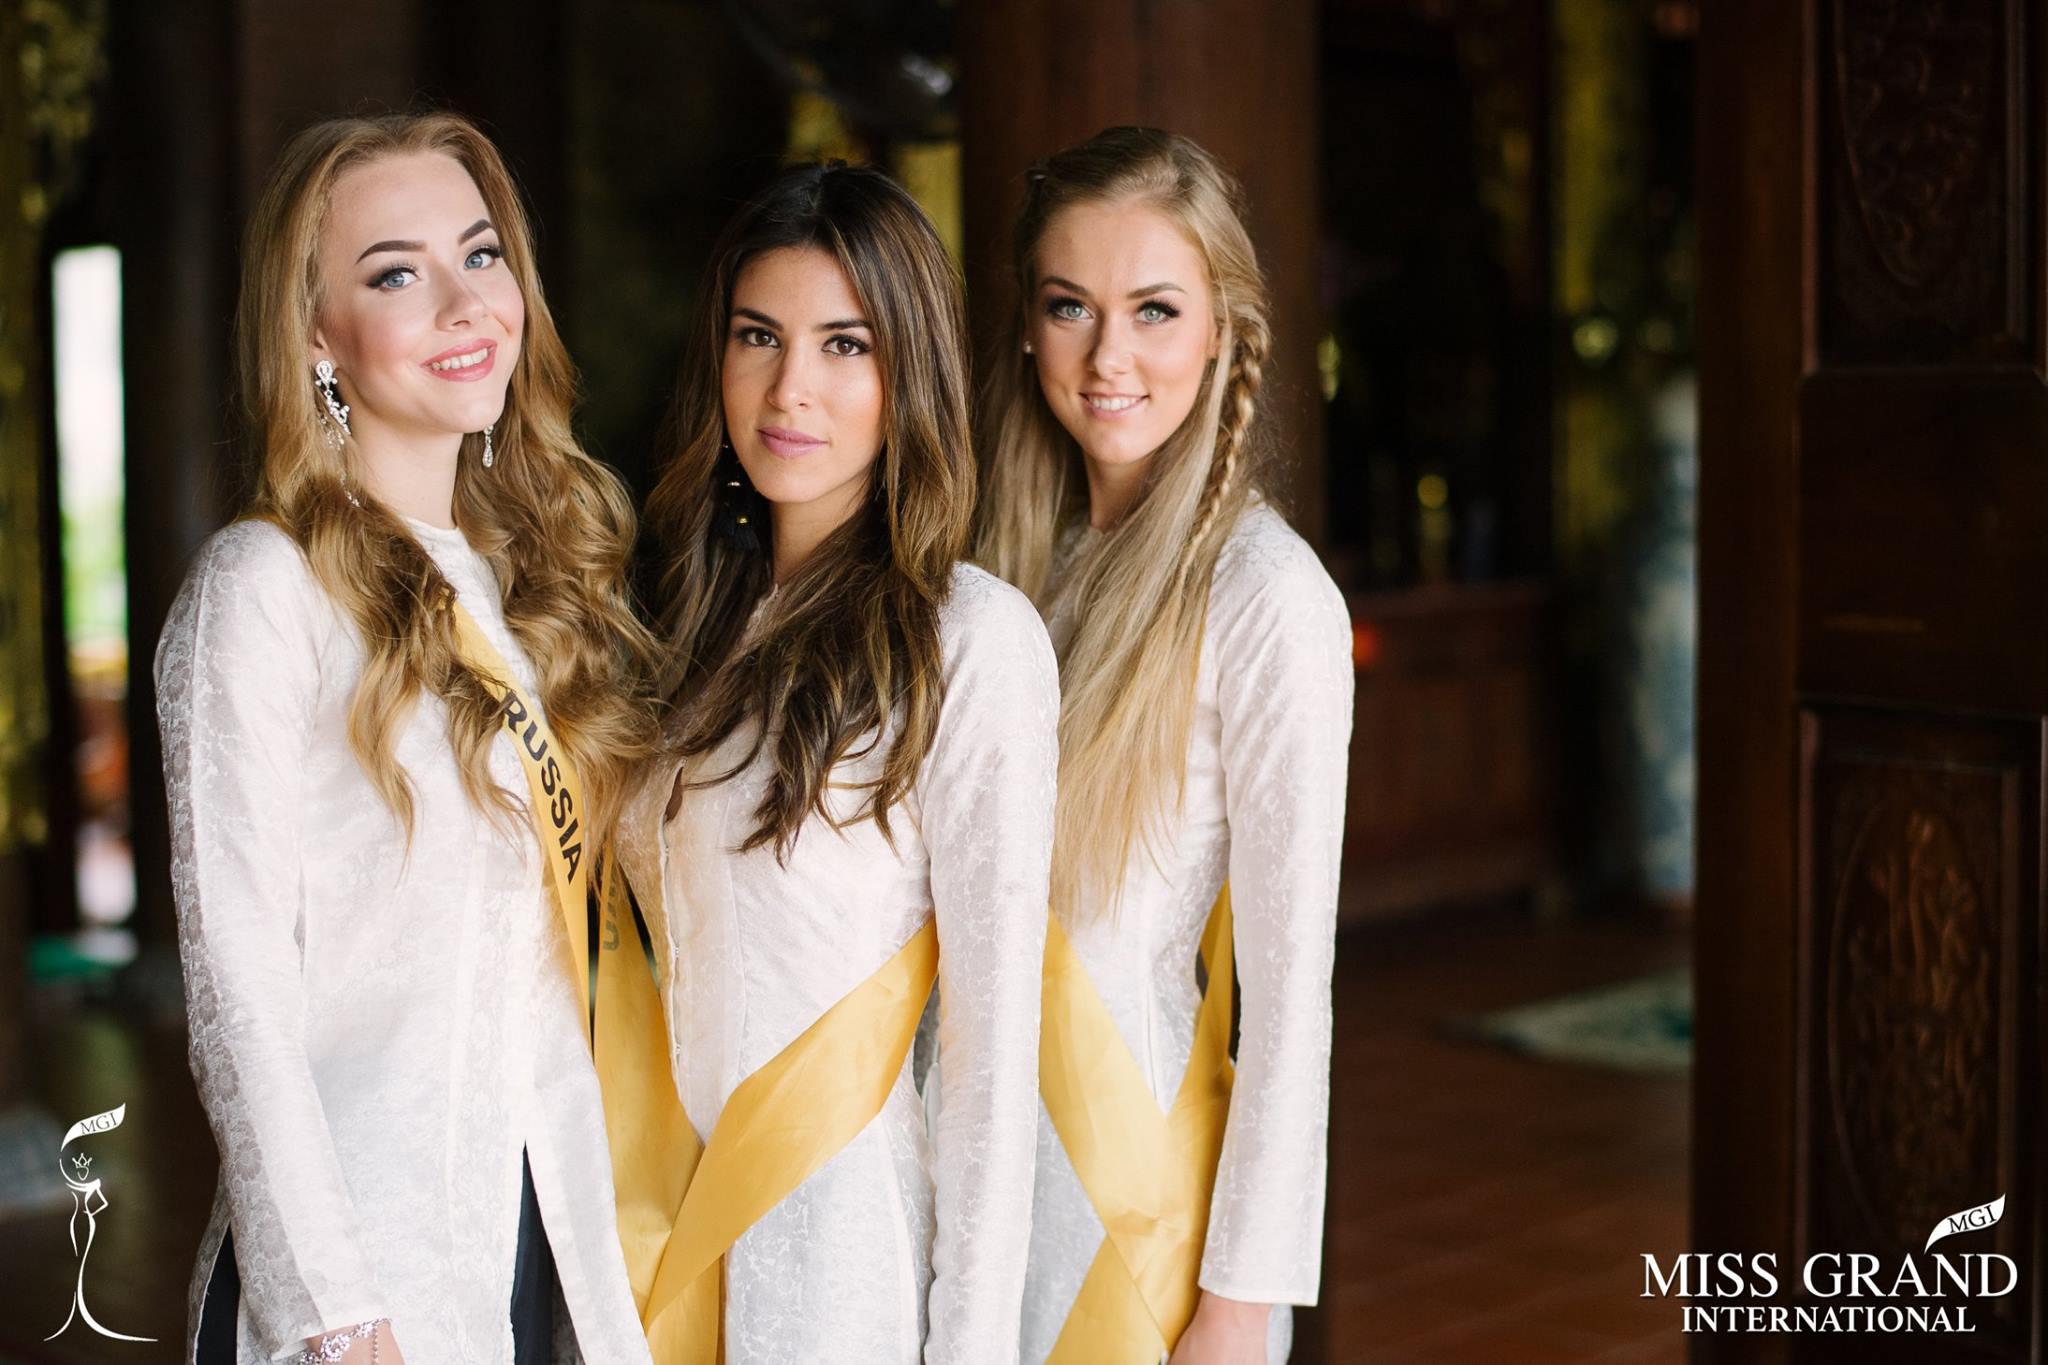 Thí sinh Miss Grand International 2017 duyên dáng trong tà áo bà ba vãn cảnh chùa - Ảnh 6.